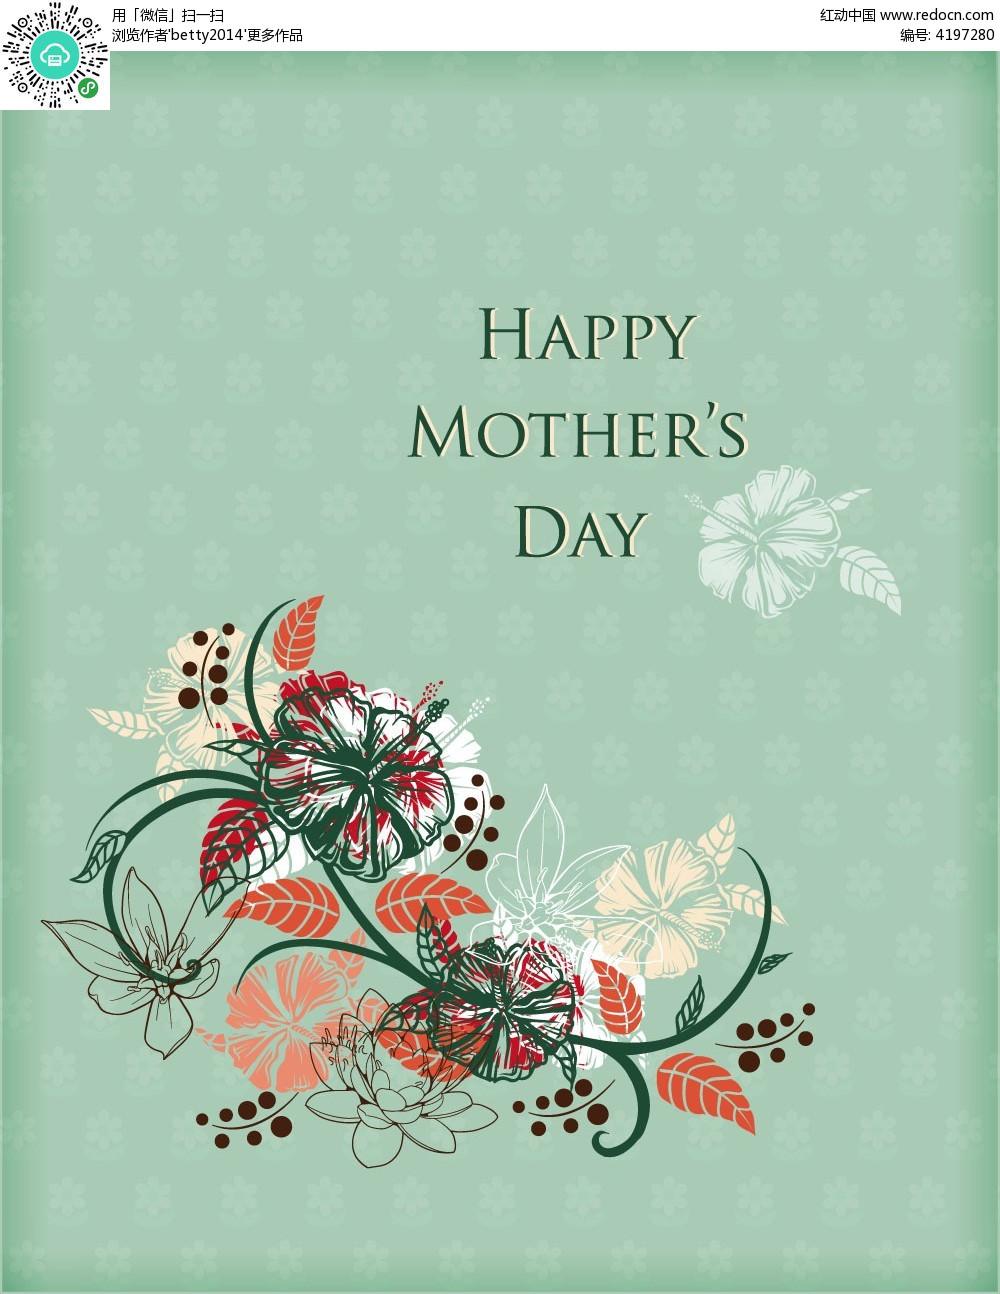 花纹边框背景母亲节卡片